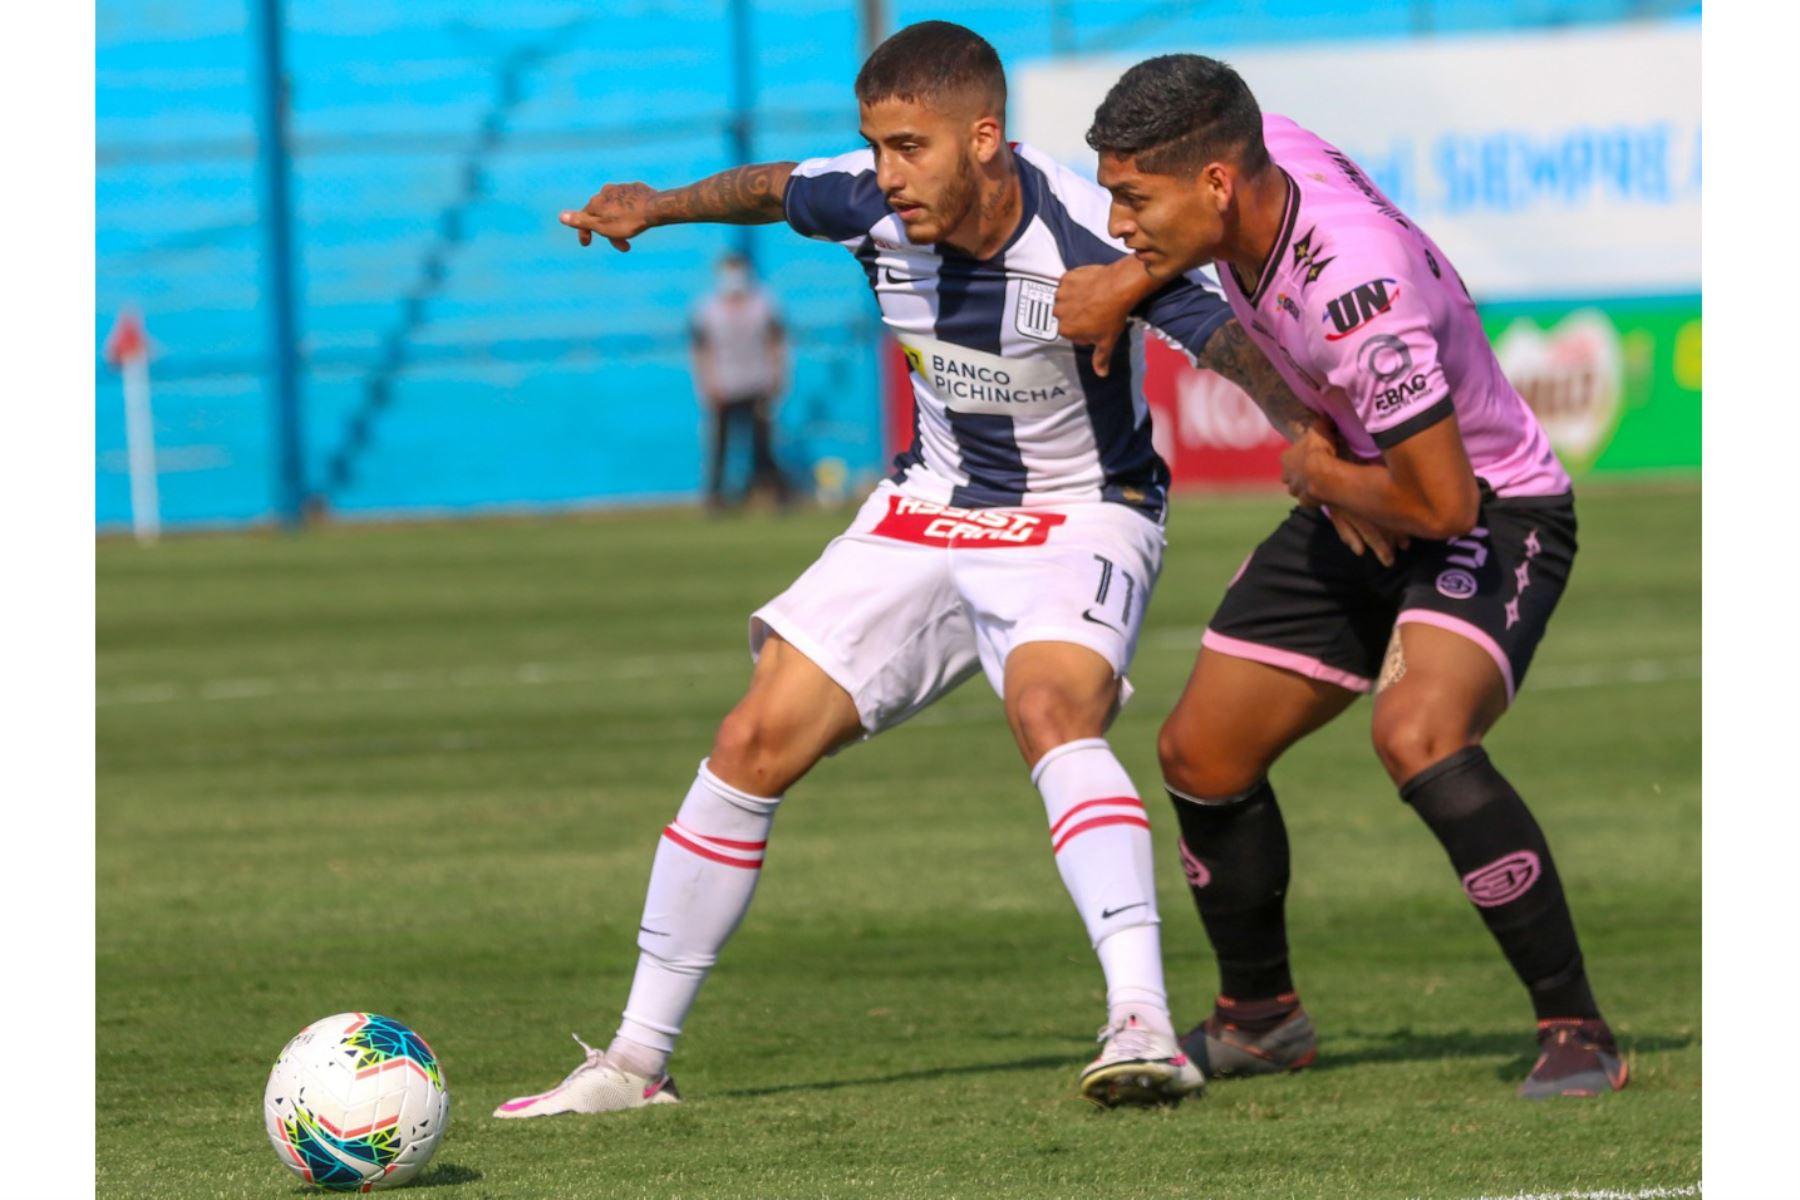 El futbolista L. Da Silva de  Alianza Lima, disputa la pelota con el jugador del Sport Boys, durante el partido por la Fase 2 de la fecha 7 de la Liga 1  en el estadio Alberto Gallardo. Foto: @LigaFutProfdel